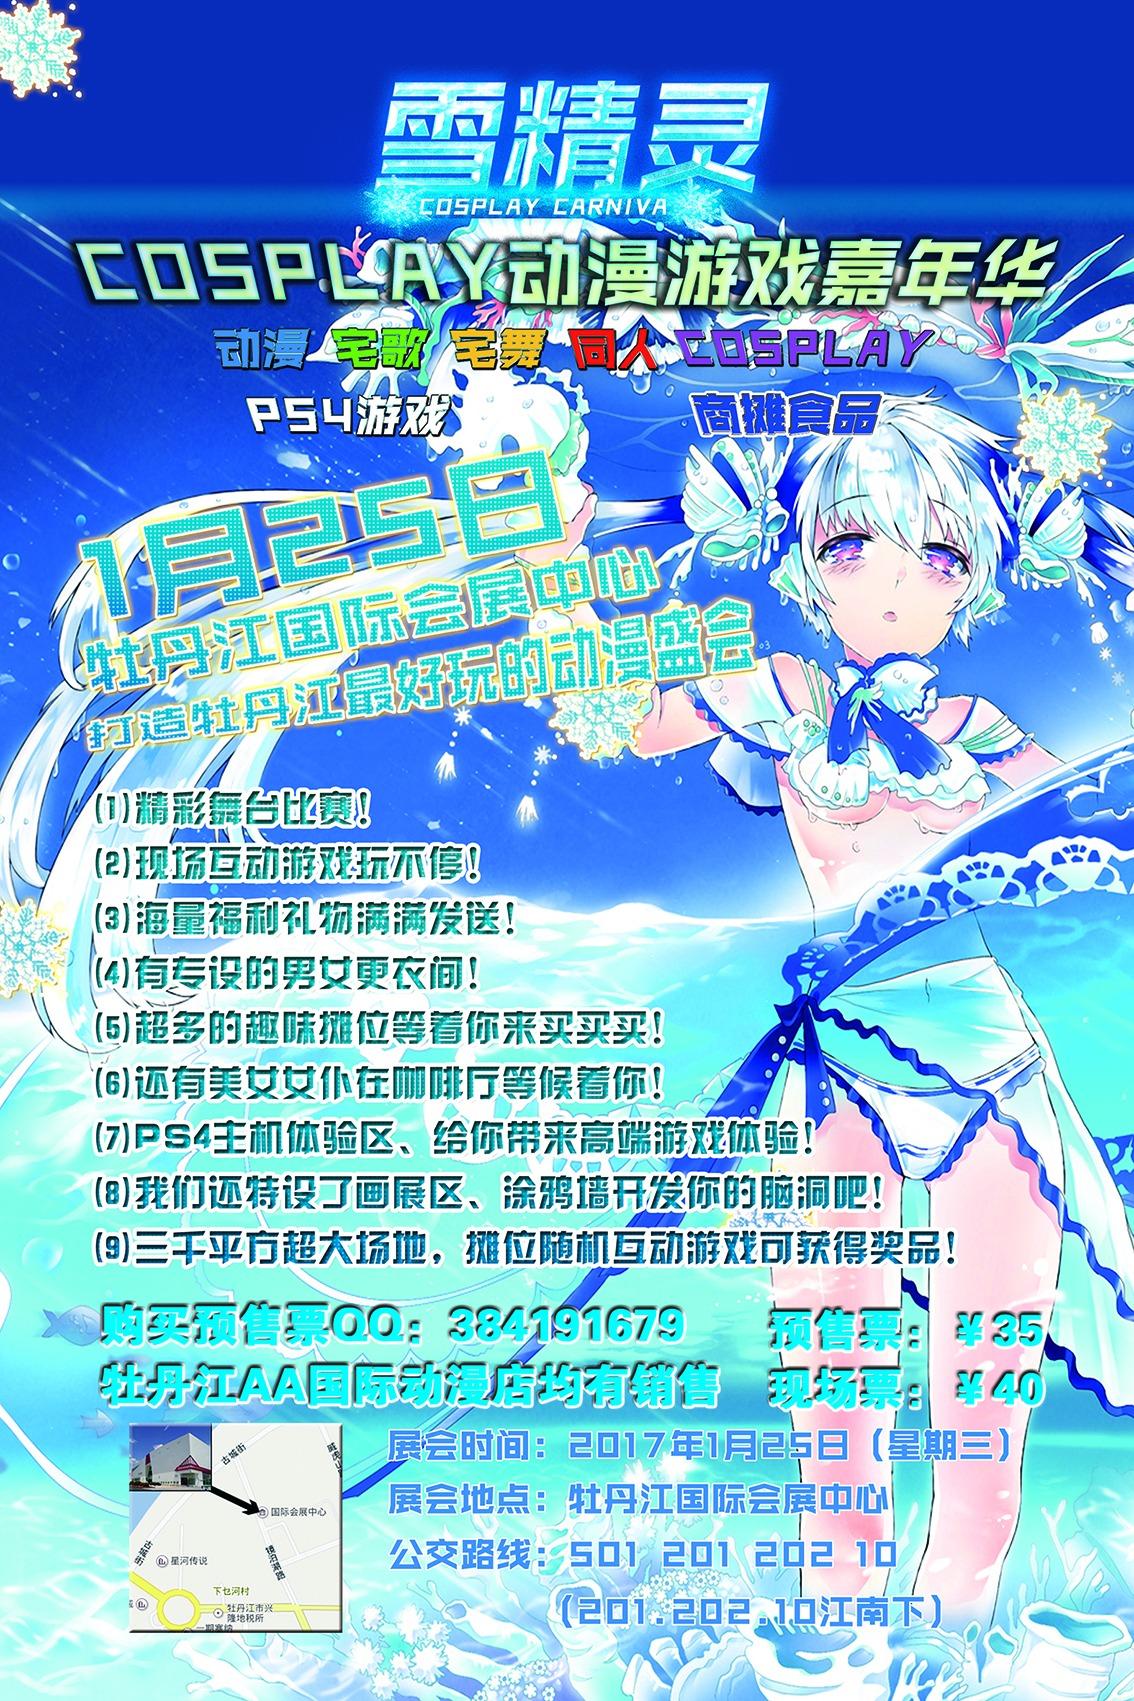 雪精灵COSPLAY动漫游戏嘉年华